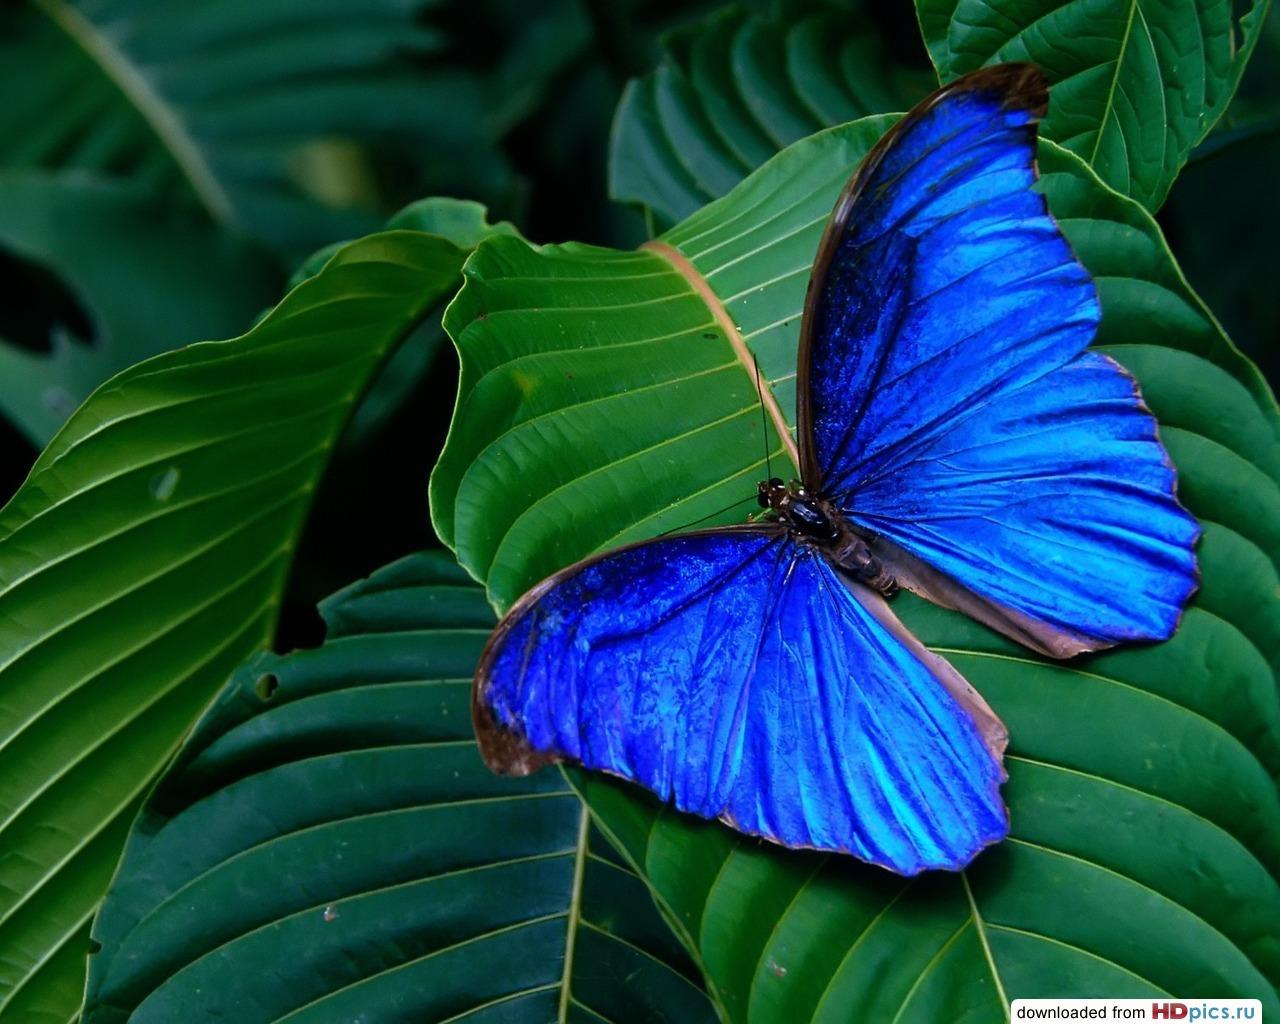 ярко синяя бабочка сидит на зеленом листке, скачать фото